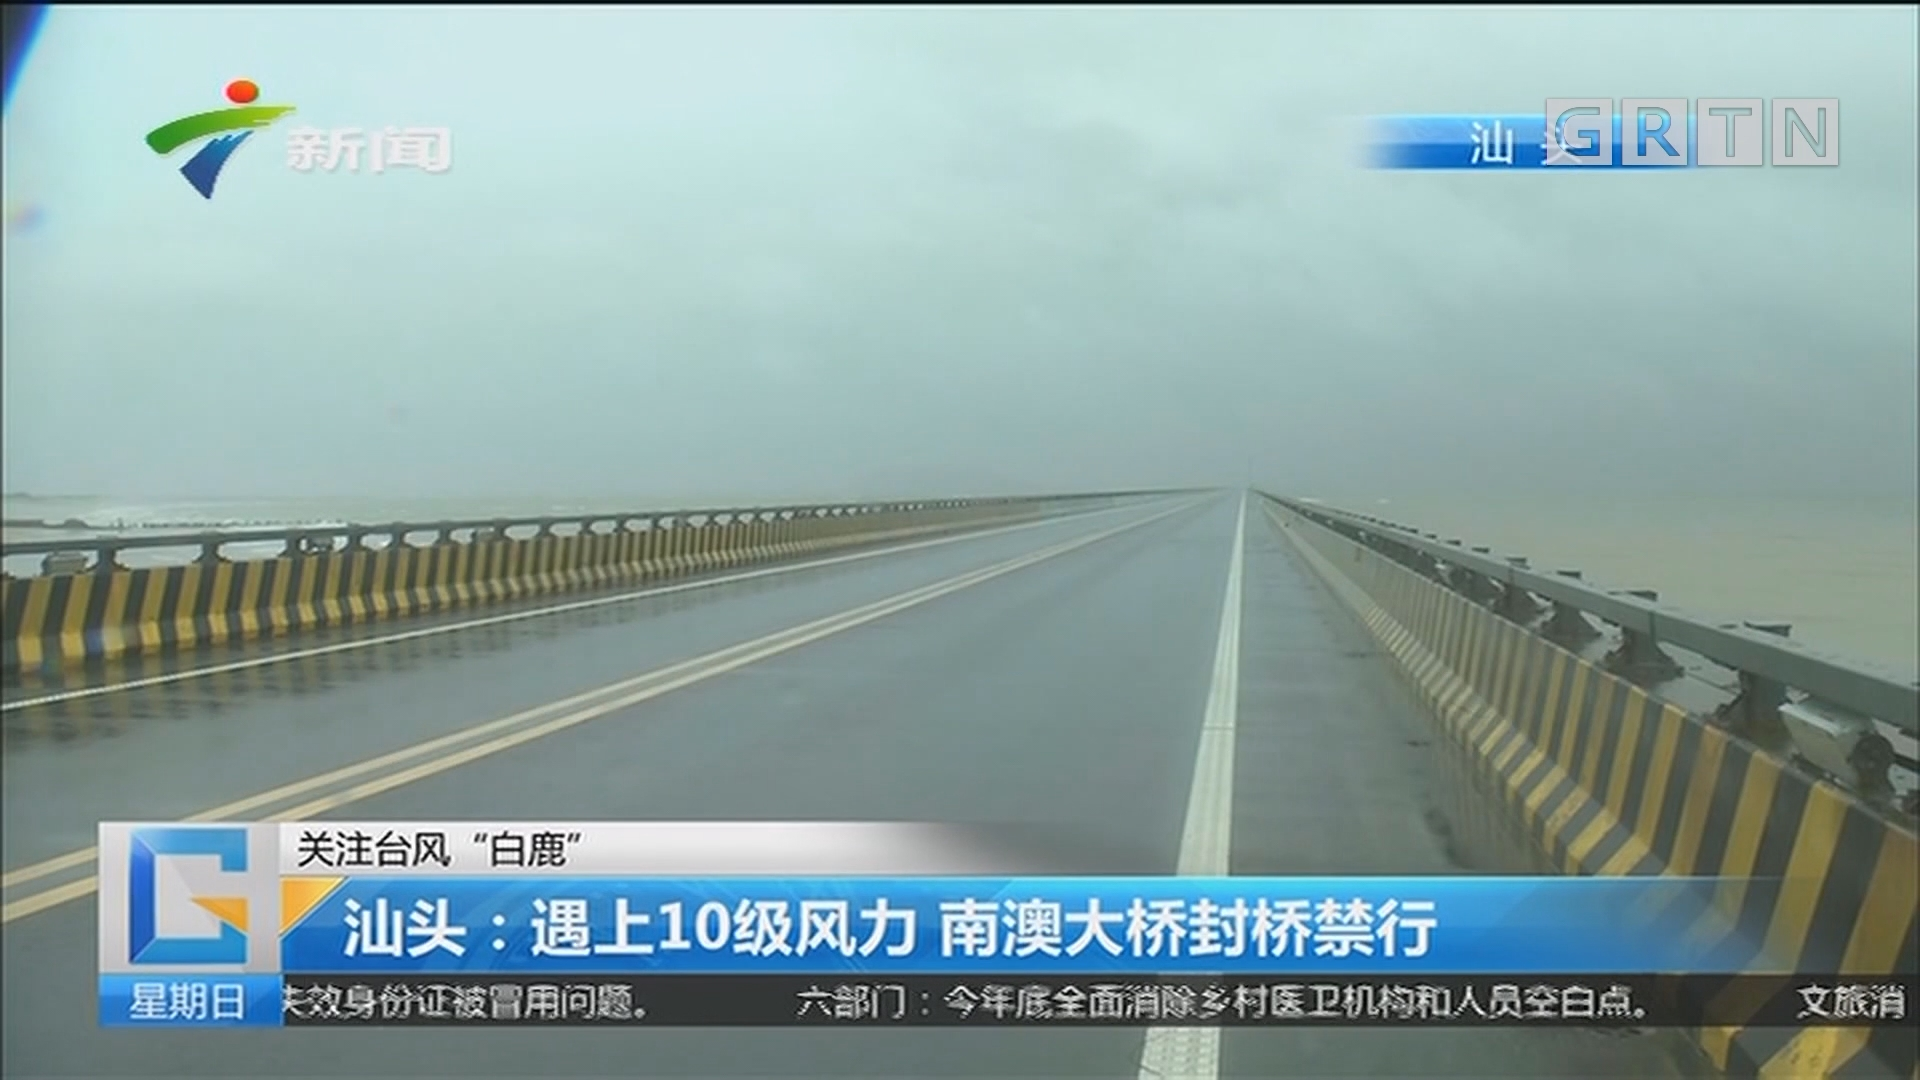 汕头:遇上10级风力 南澳大桥封桥禁行